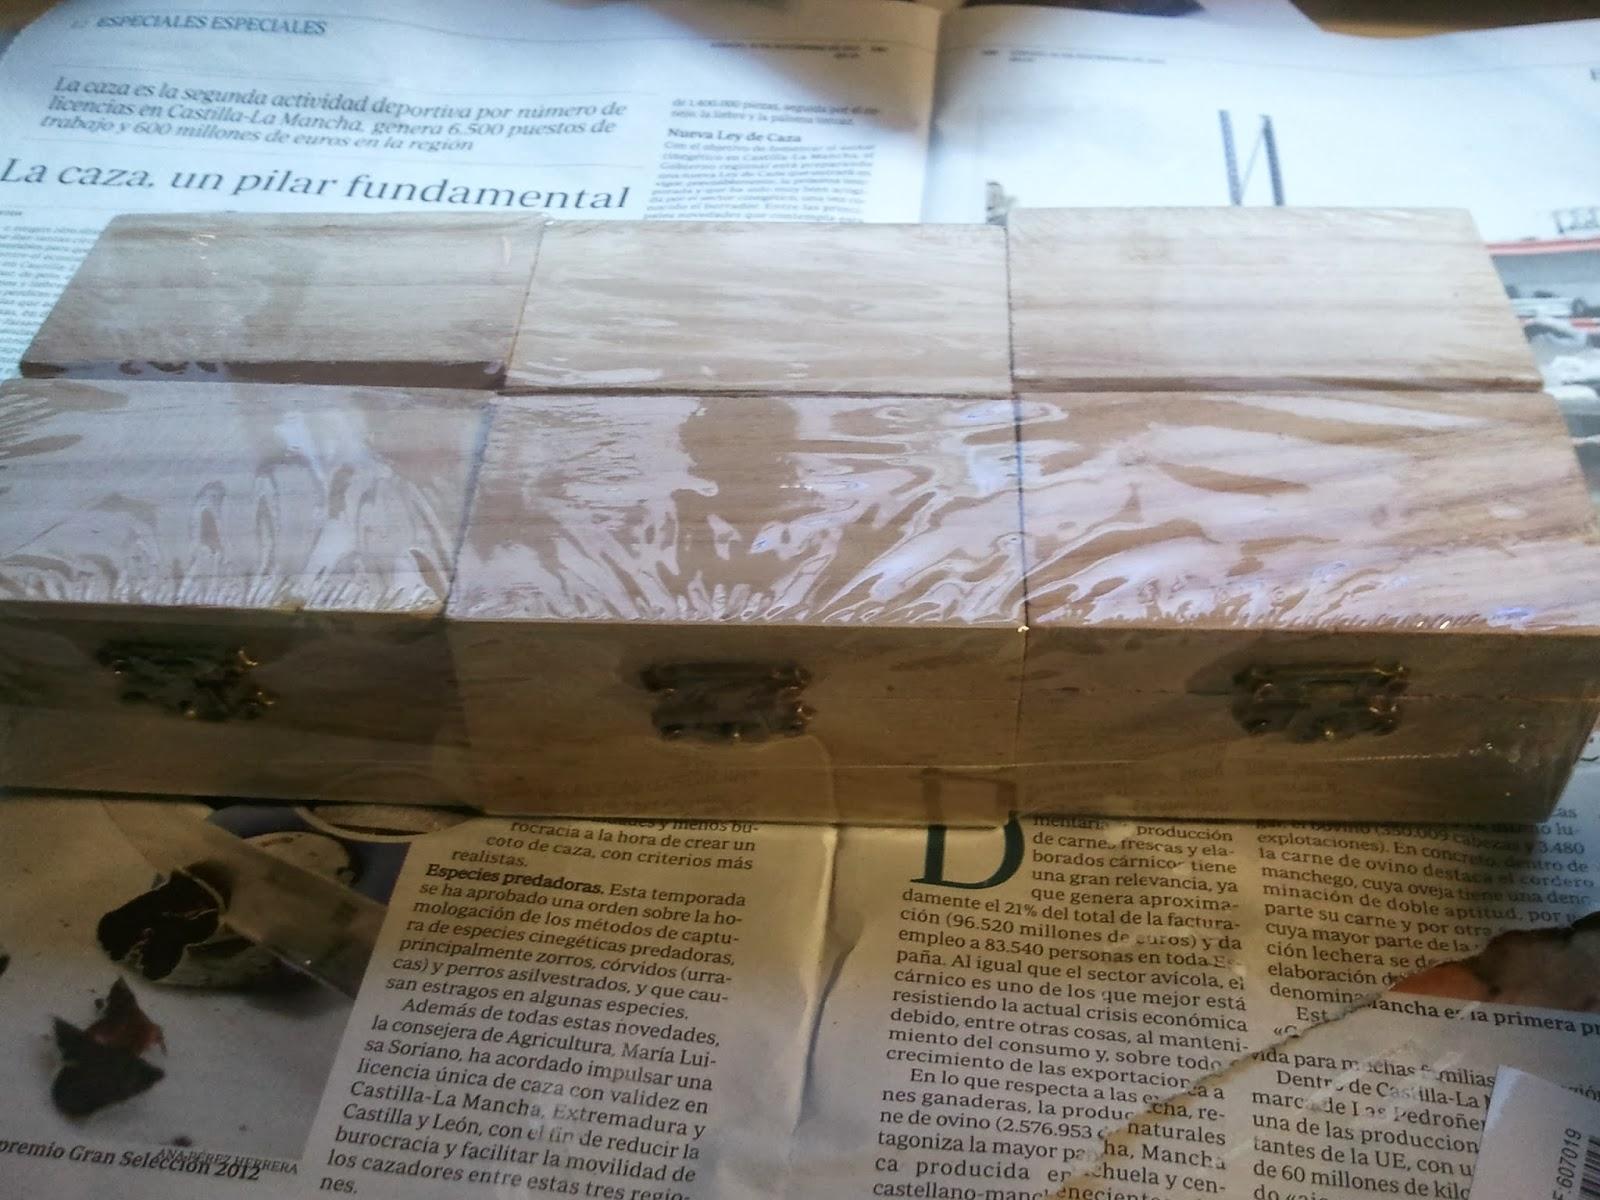 compr estas cajitas de madera a un euro cada una en un chino cerca de casa las descubr por casualidad en un estante de hecho creo que es la primea vez